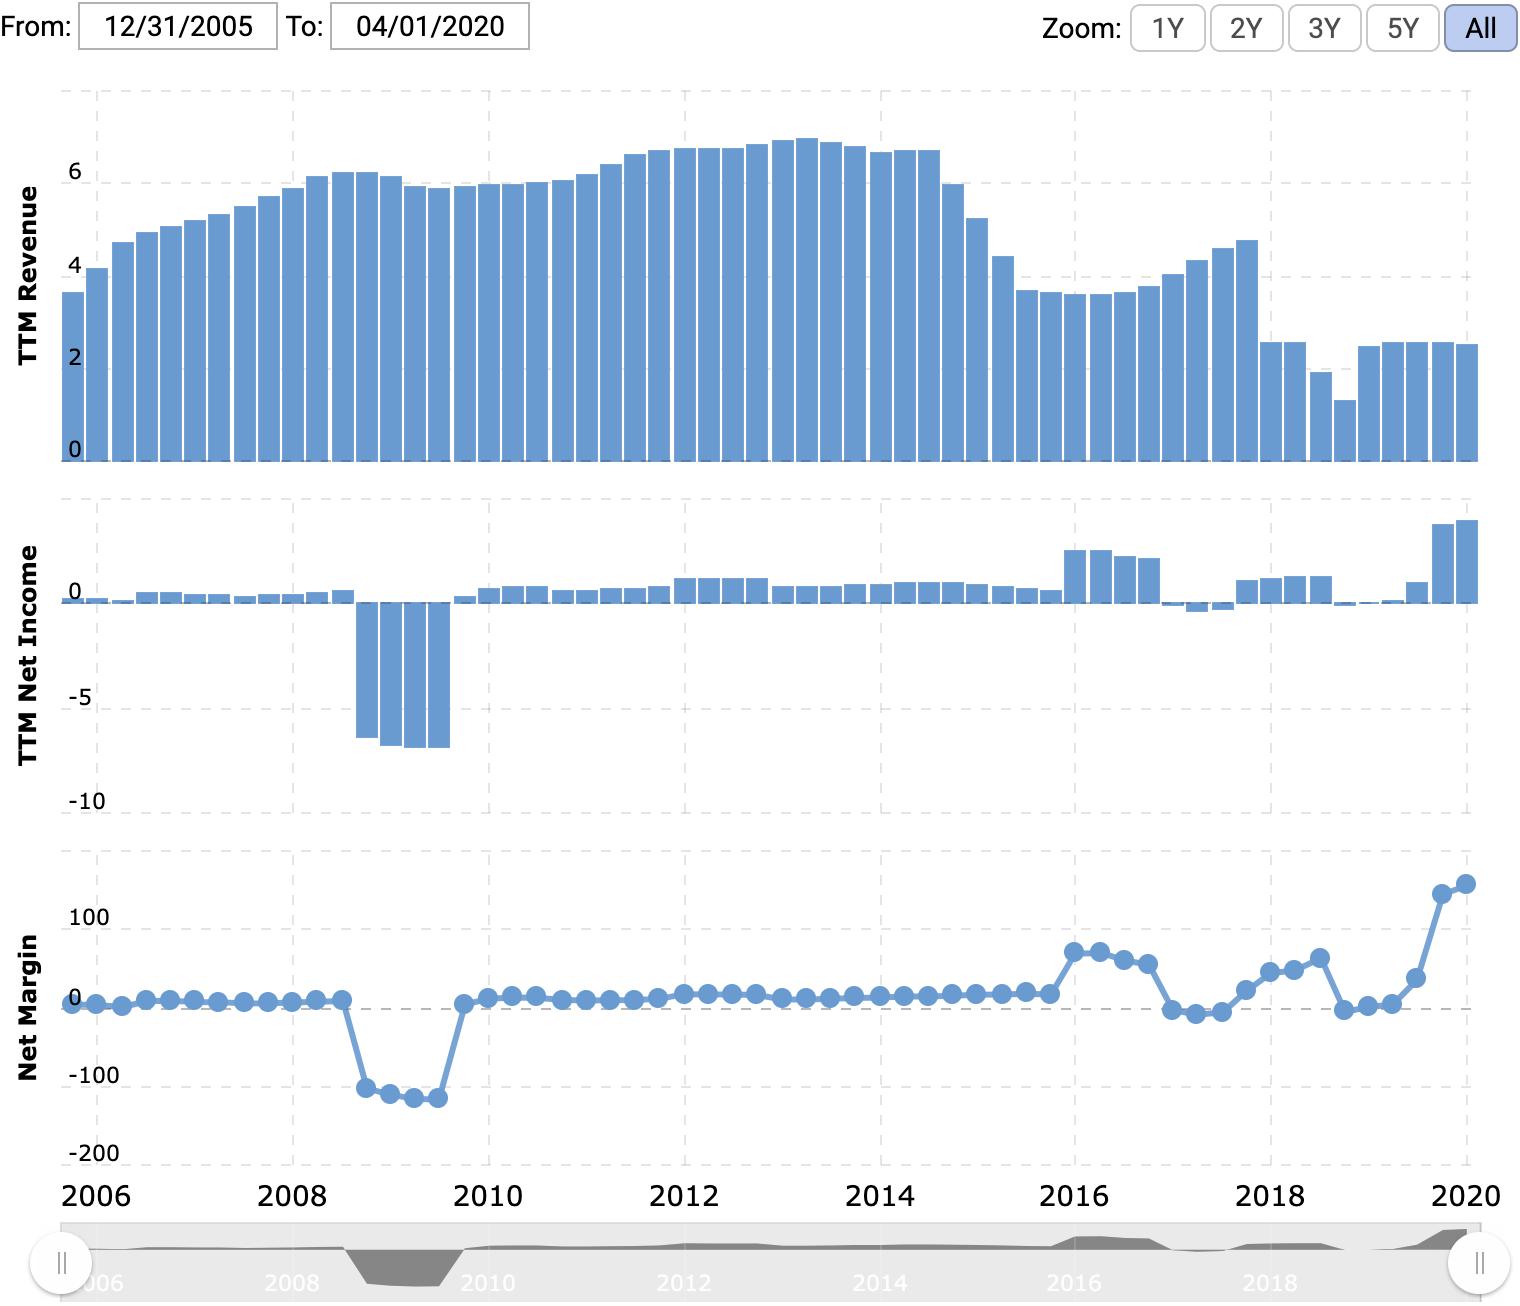 Выручка и прибыль или убыток за последние 12 месяцев в миллиардах долларов, итоговая маржа в процентах от выручки. Источник: Macrotrends